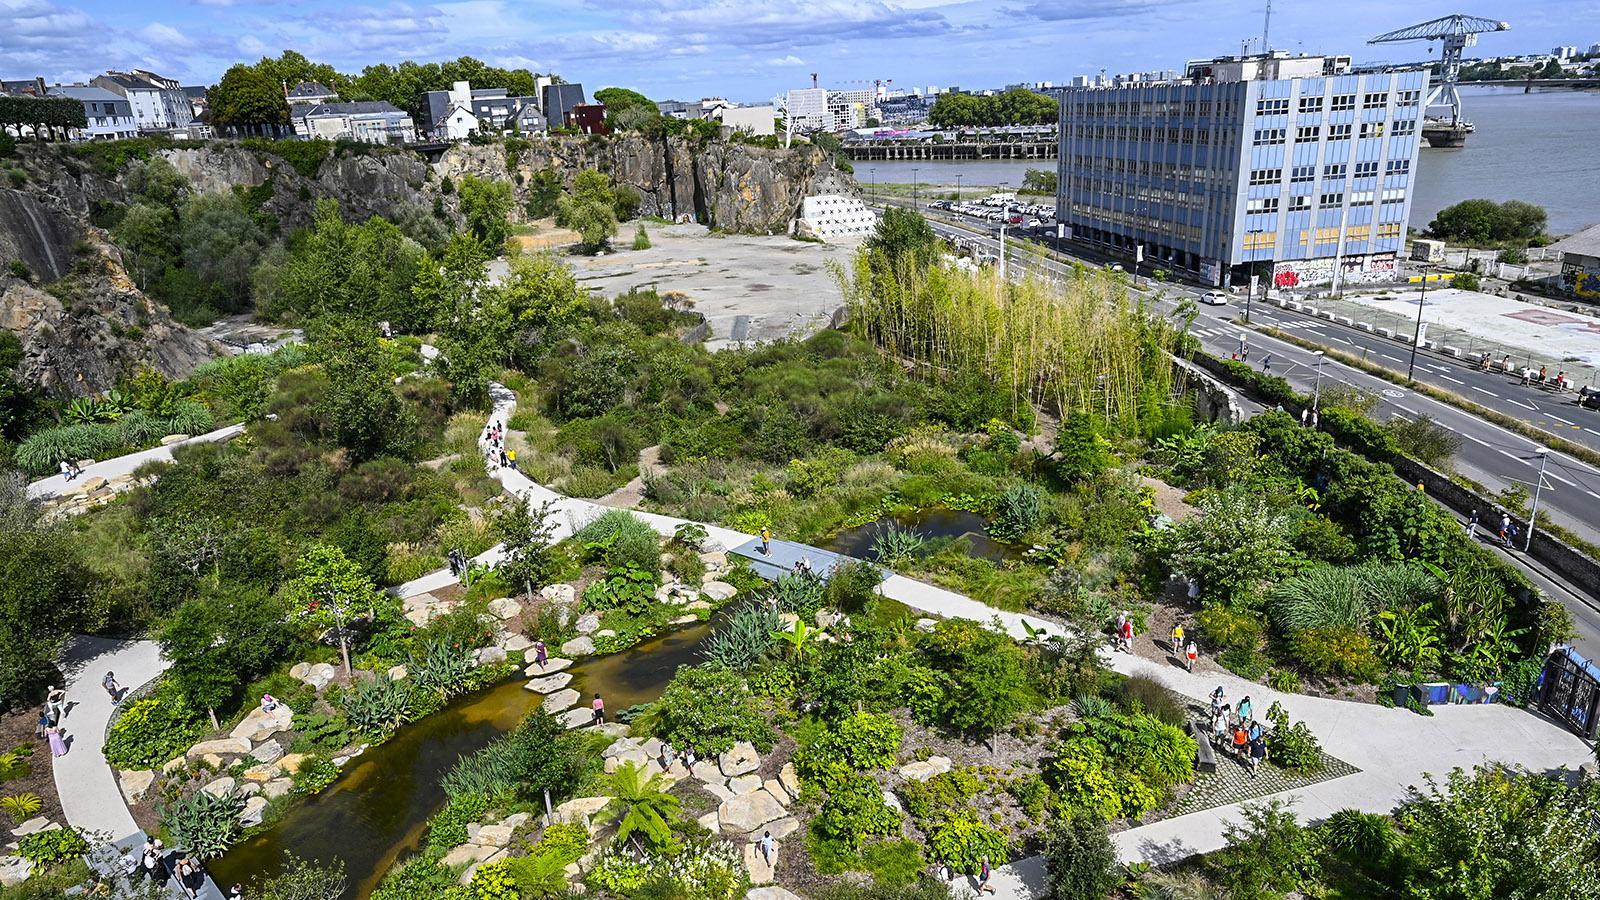 Le Voyage à Nantes. Direkt an der Loire: der Parc Extraordinaire. Foto: Hilke Maunder